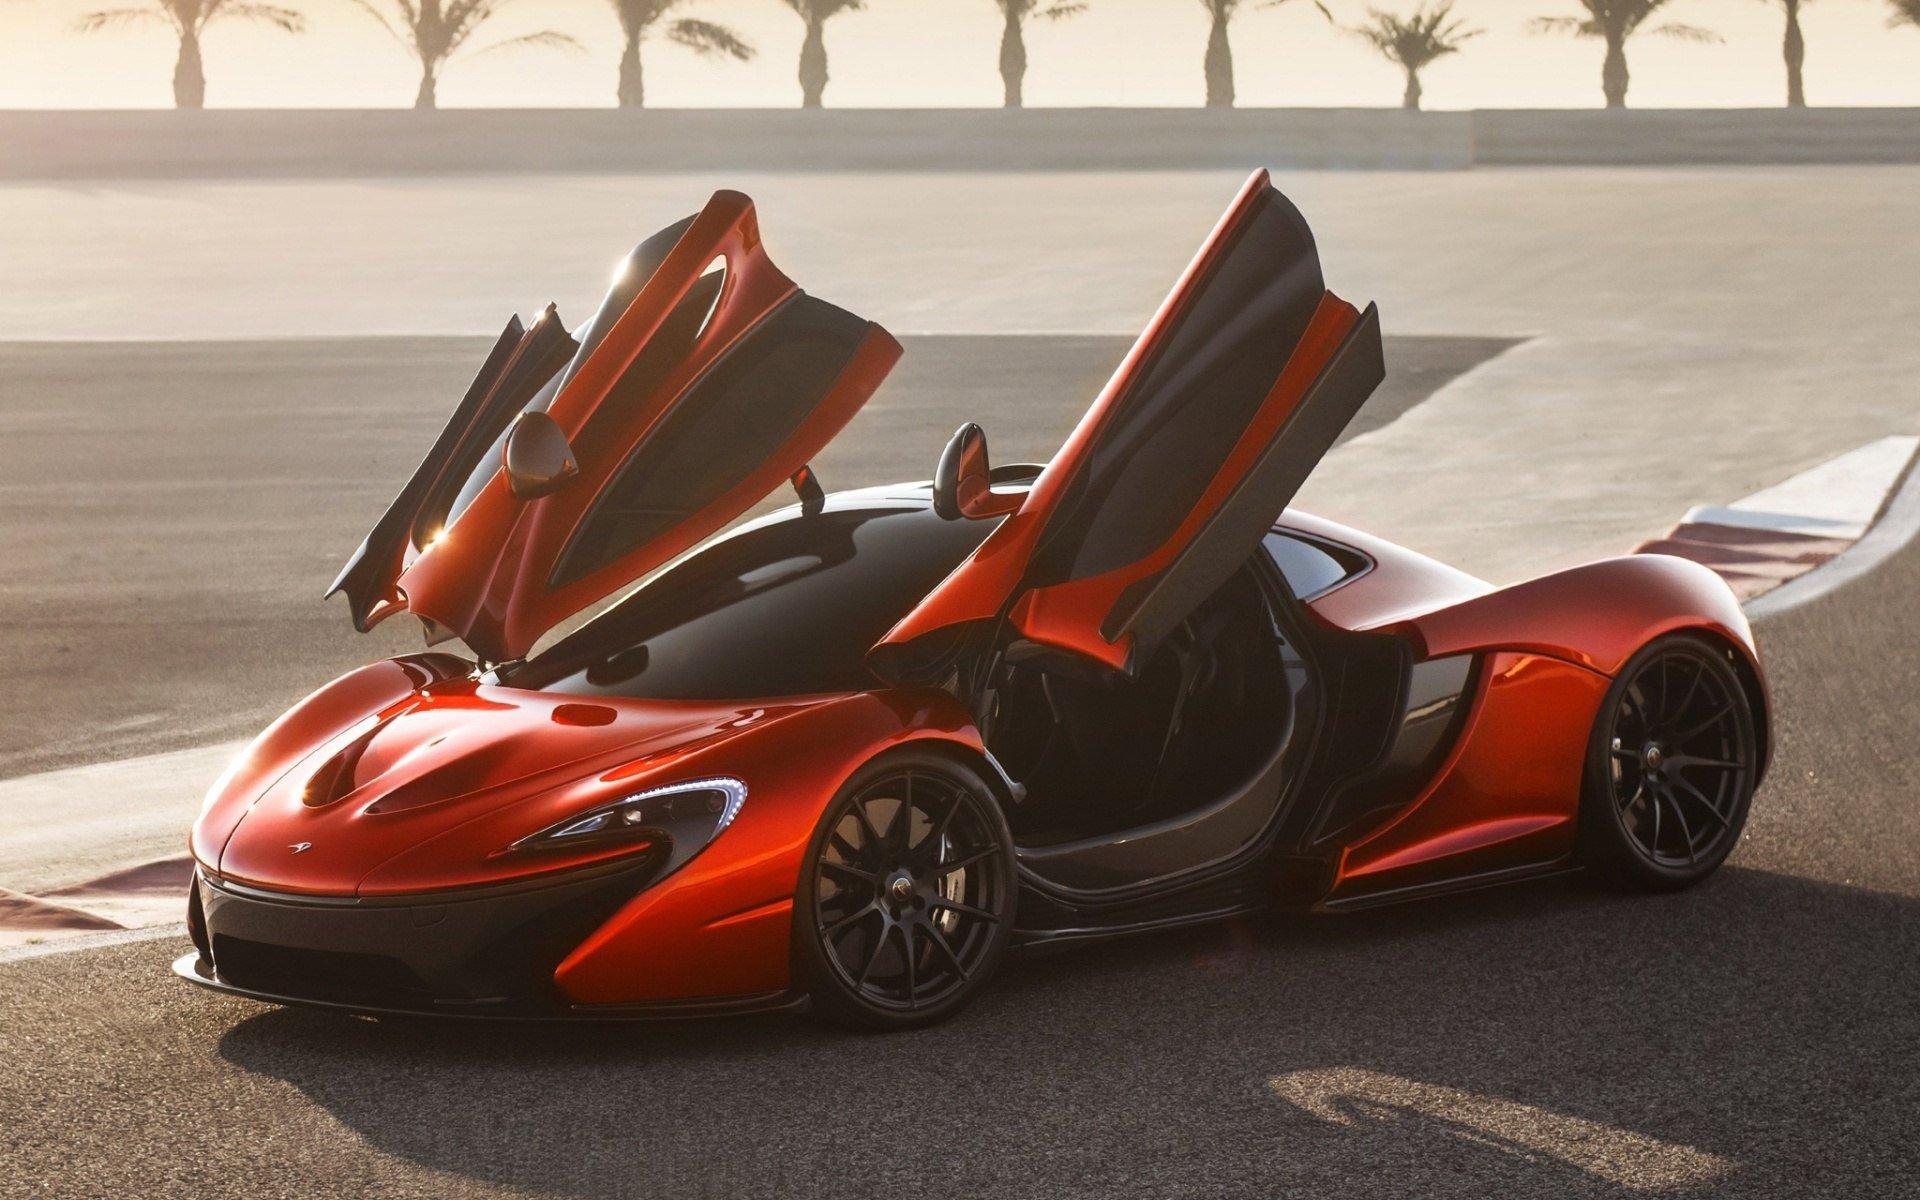 Первый гибридный суперкар McLaren выходит на финальную стадию испытаний